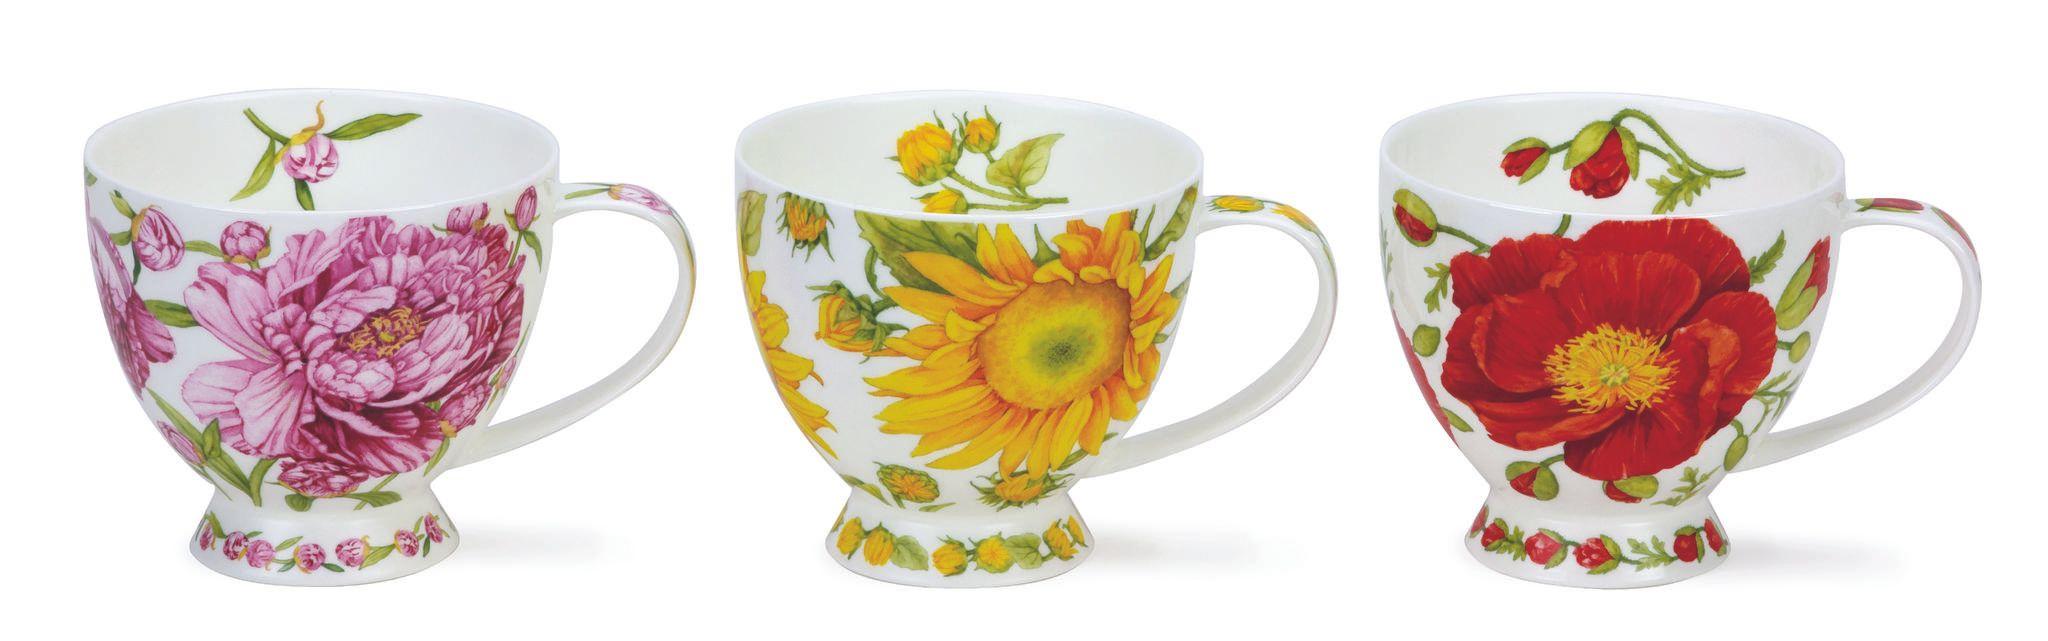 Dunoon Ceramics Ltd